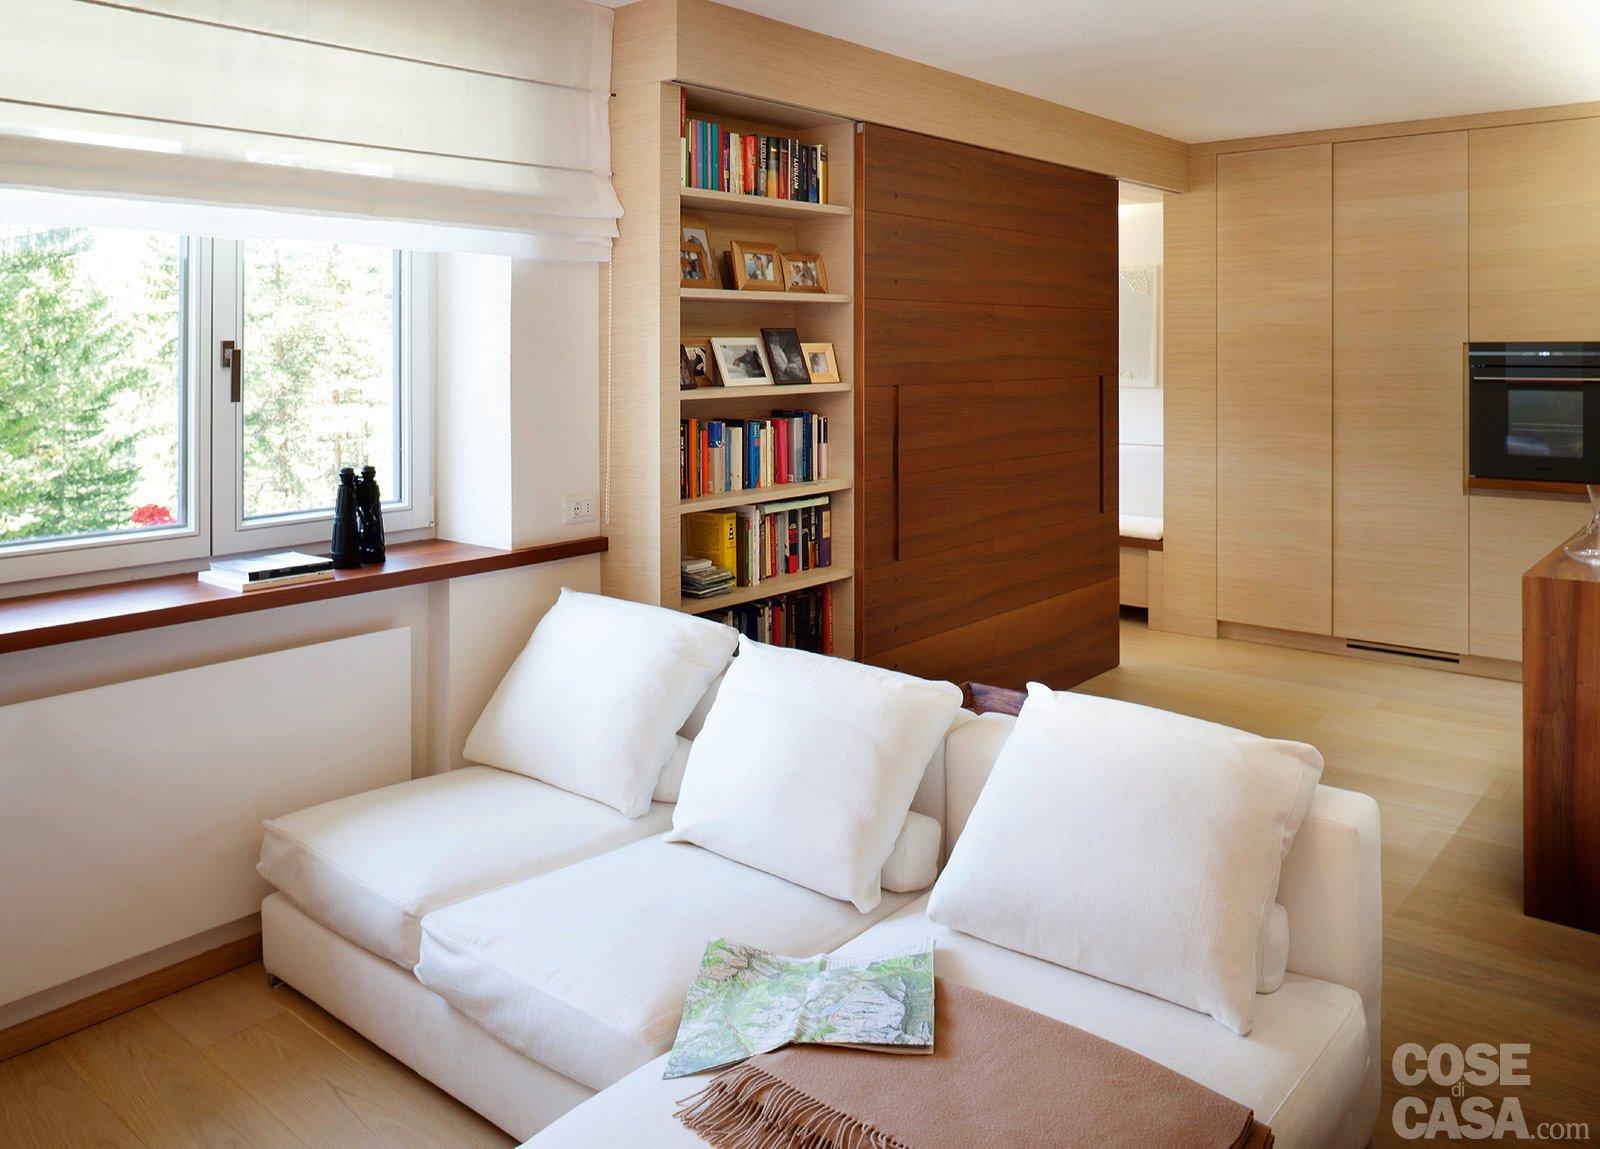 57 mq una casa con stanze trasformabili cose di casa - Altezza quadri sopra divano ...